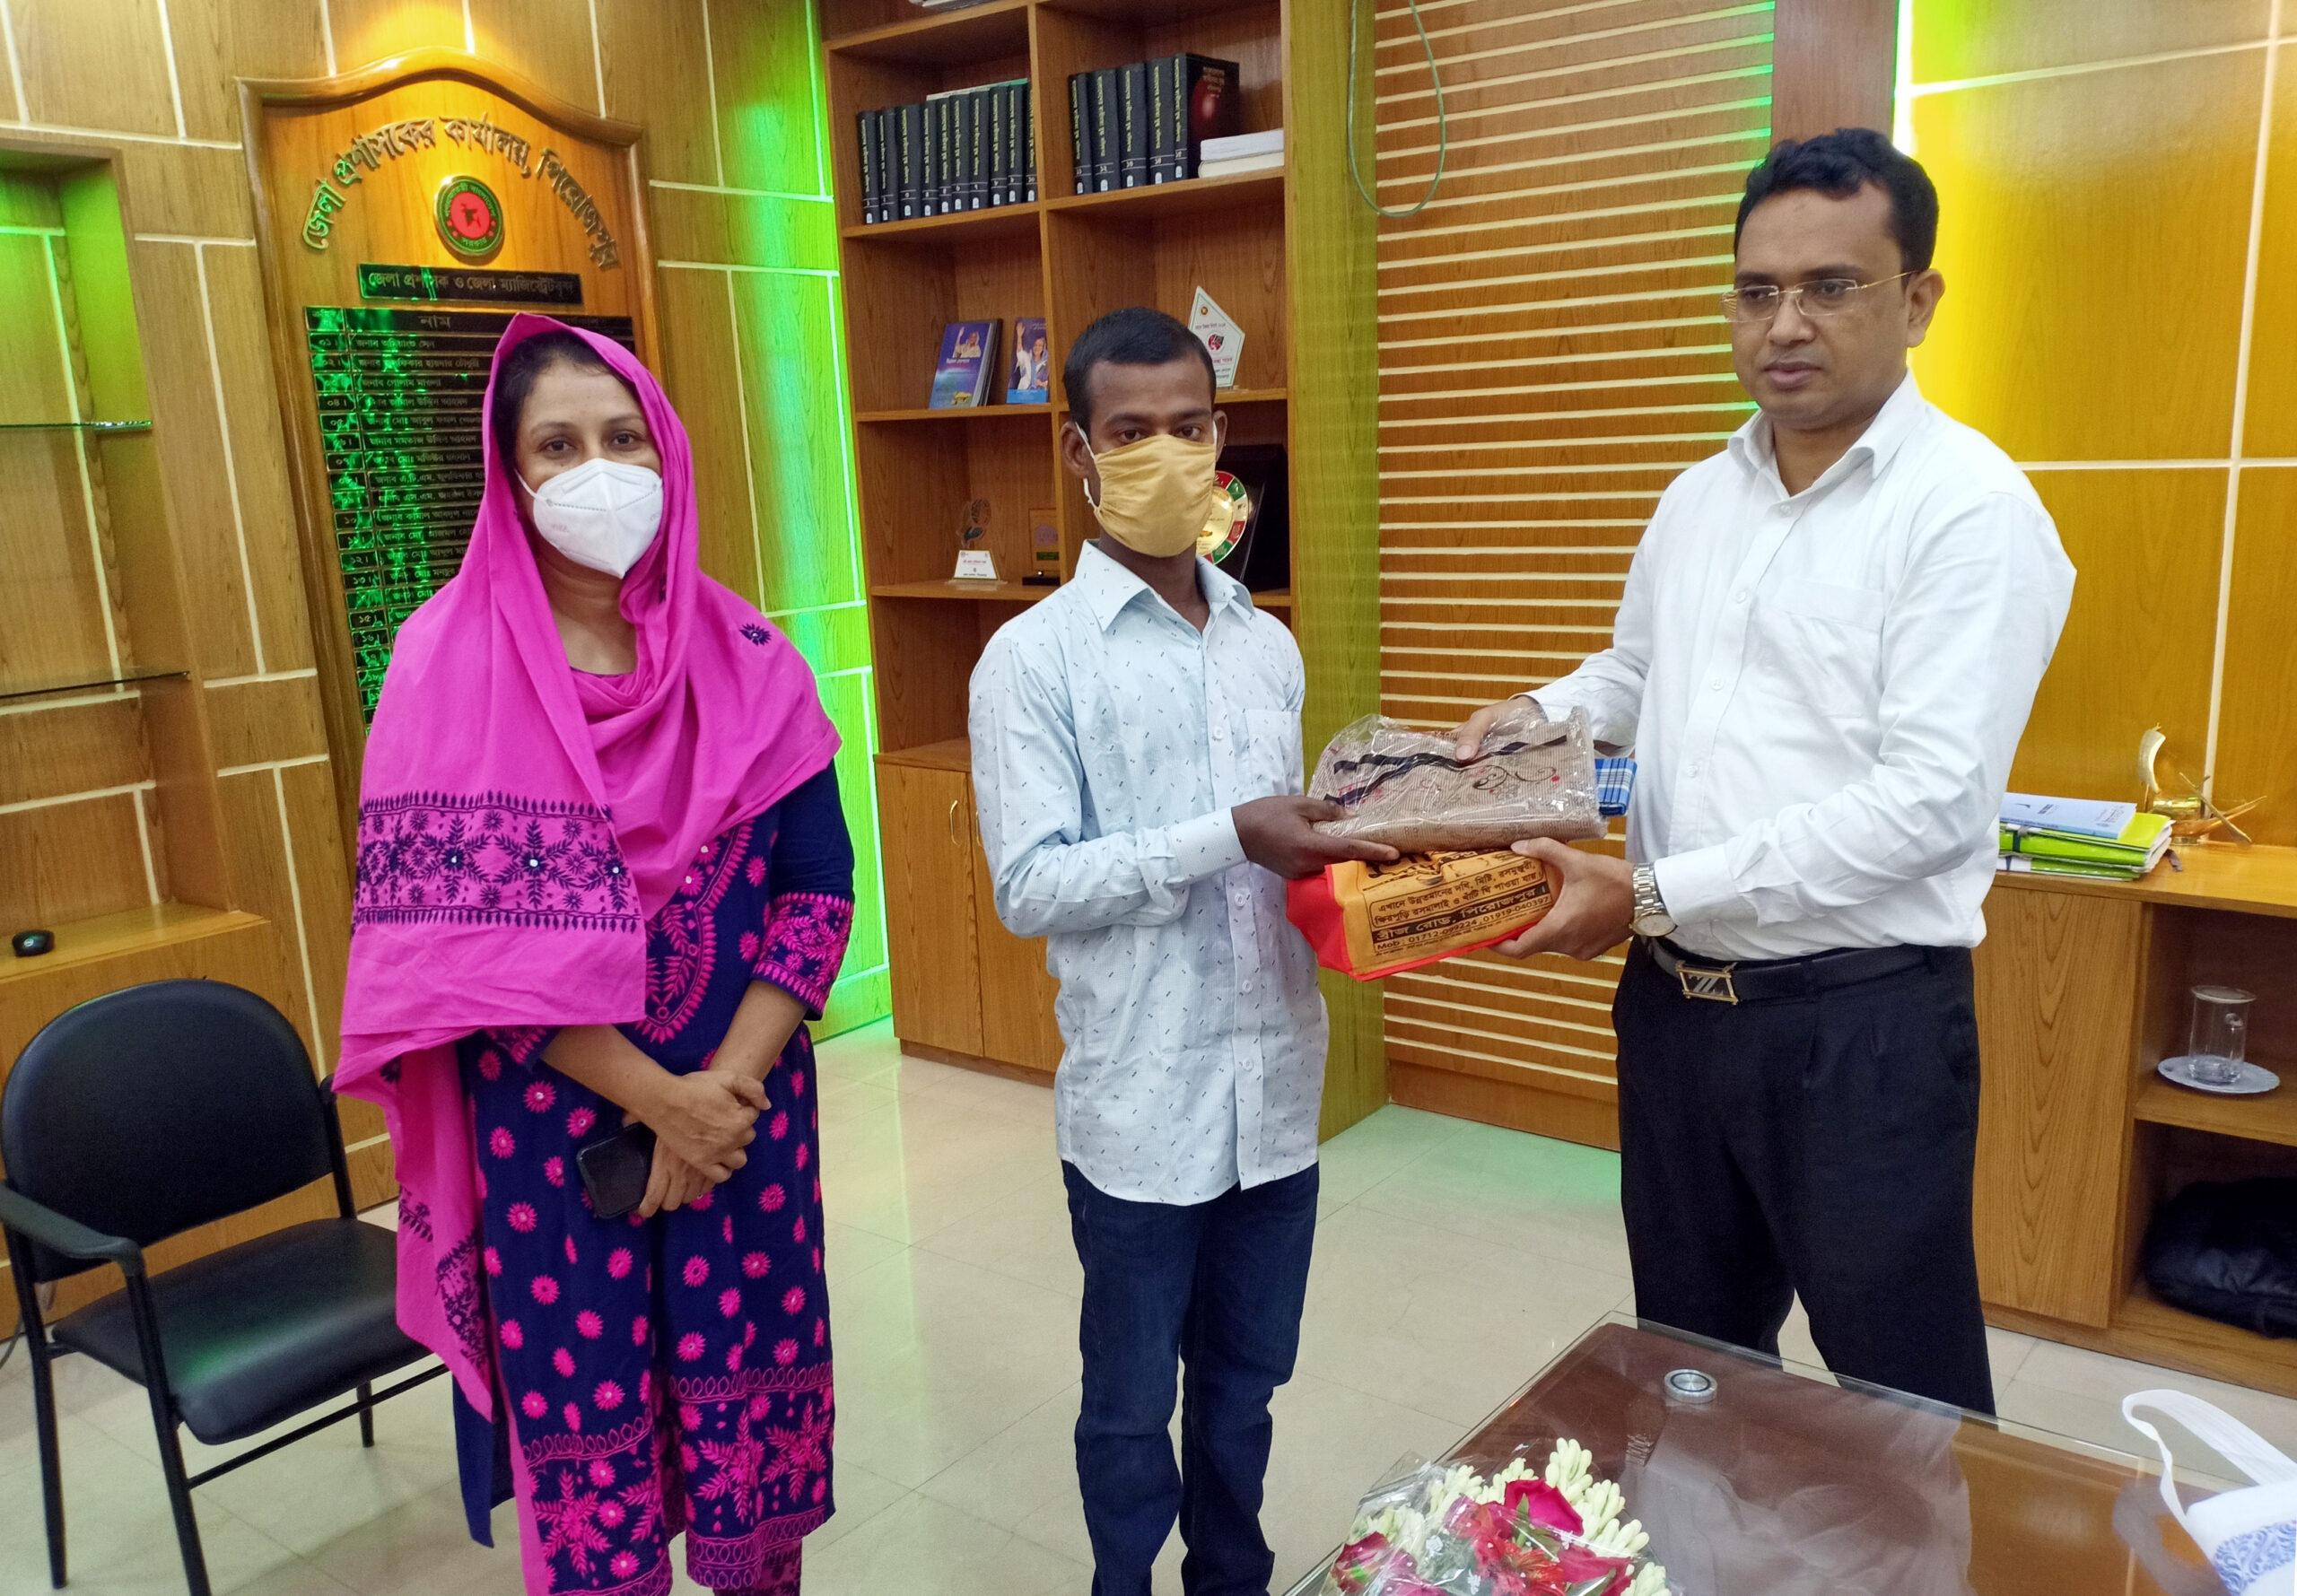 ১ টাকায় সরকারি চাকরী দিলেন পিরোজপুরের ডিসি সাজ্জাদ হোসেন